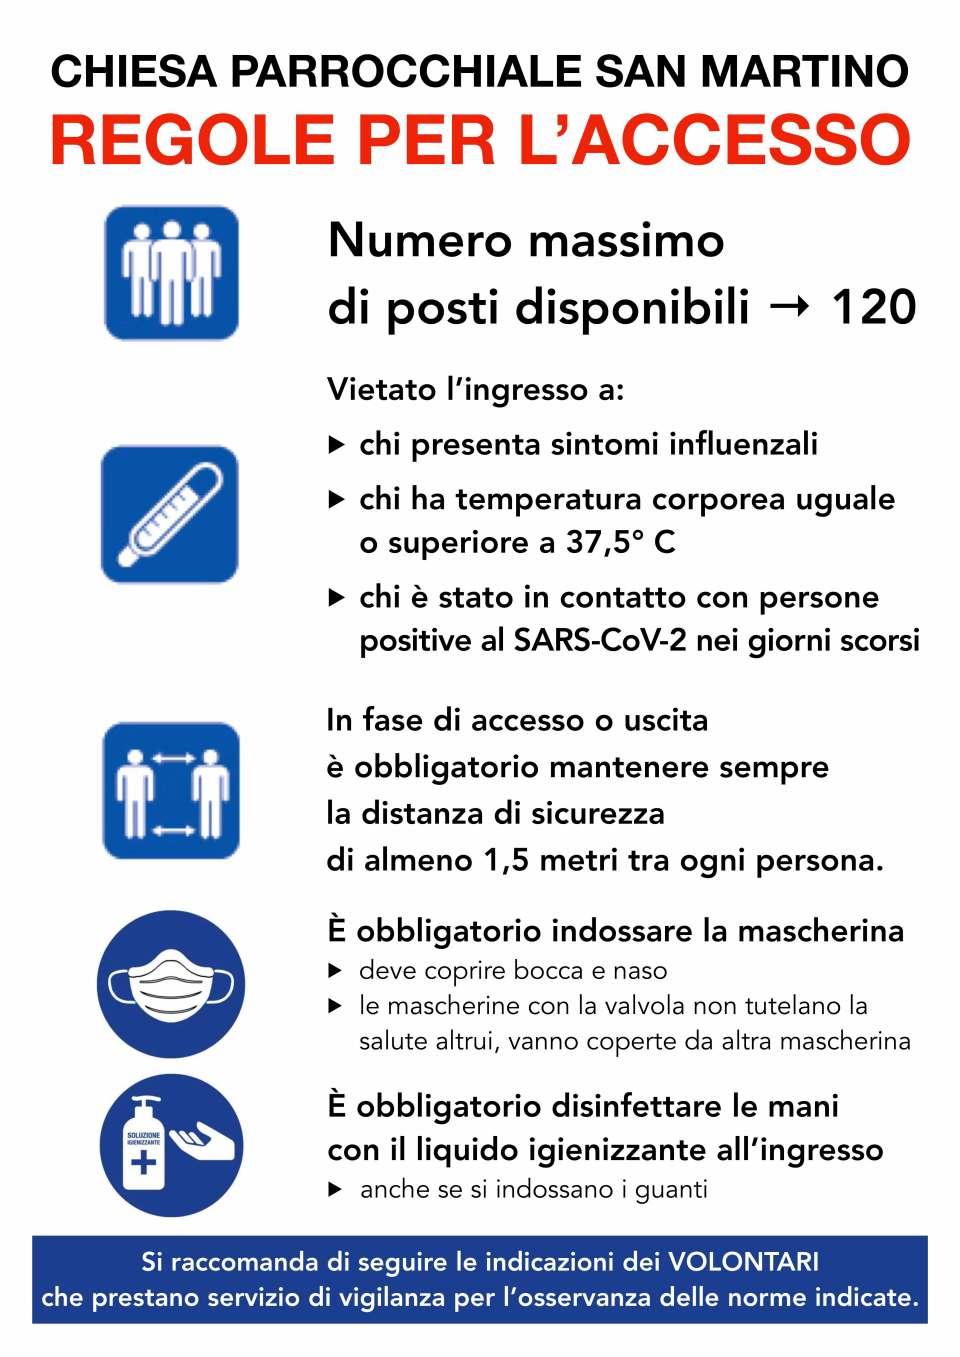 200518 cartello ripresa messe popolo chiesa parrocchiale norme accesso